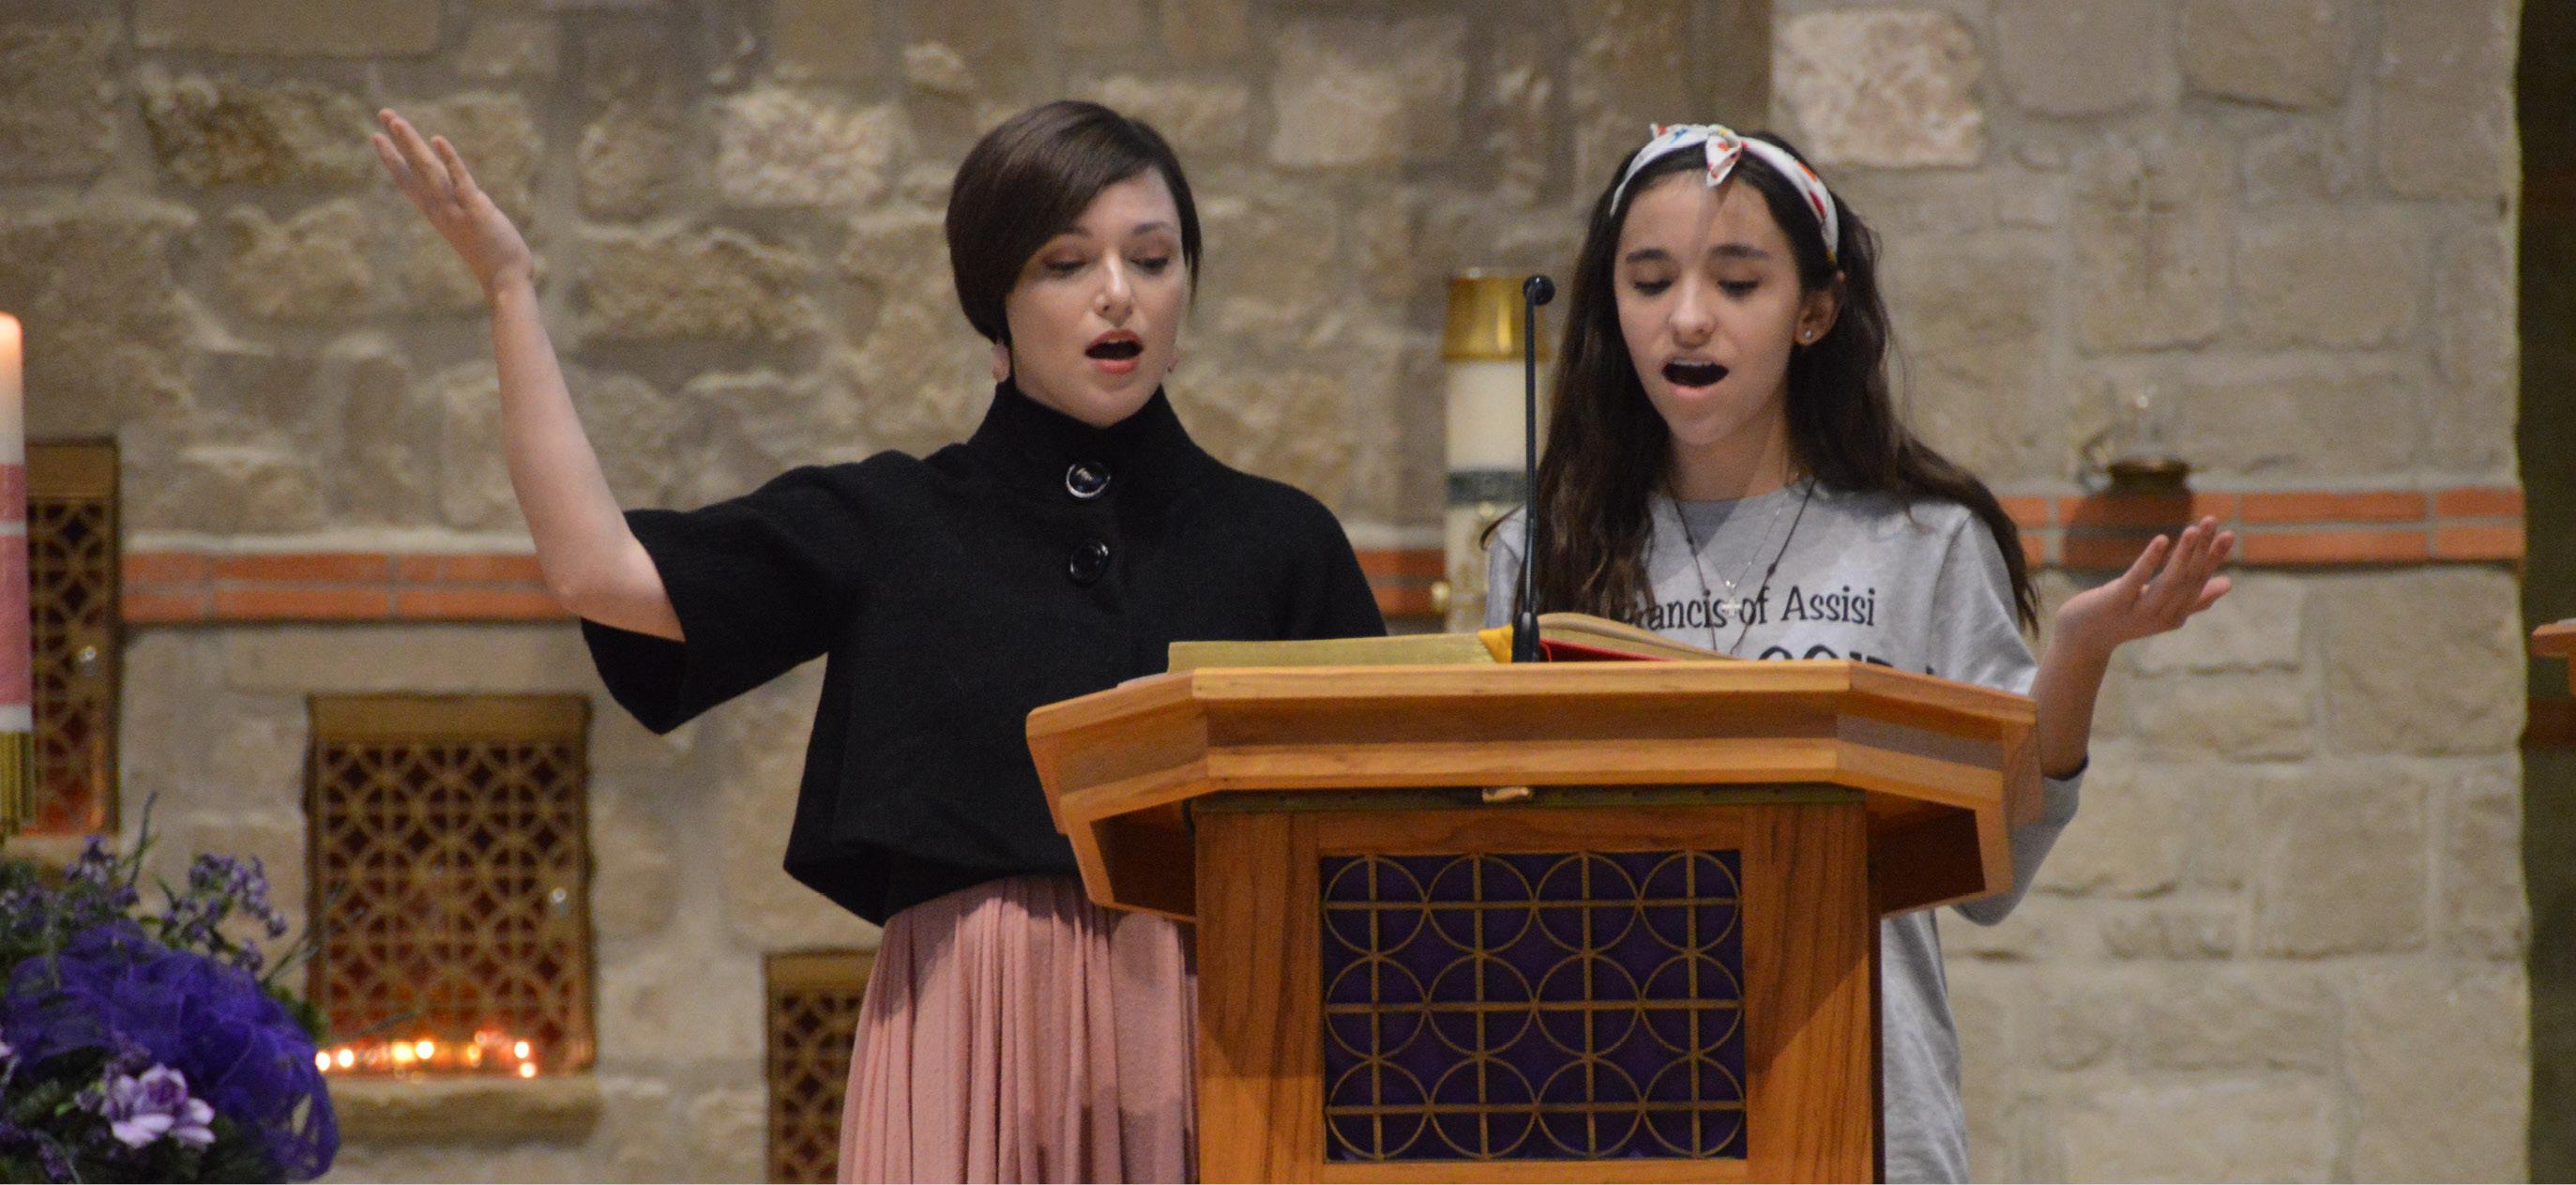 Girls-Singing-at-Mass